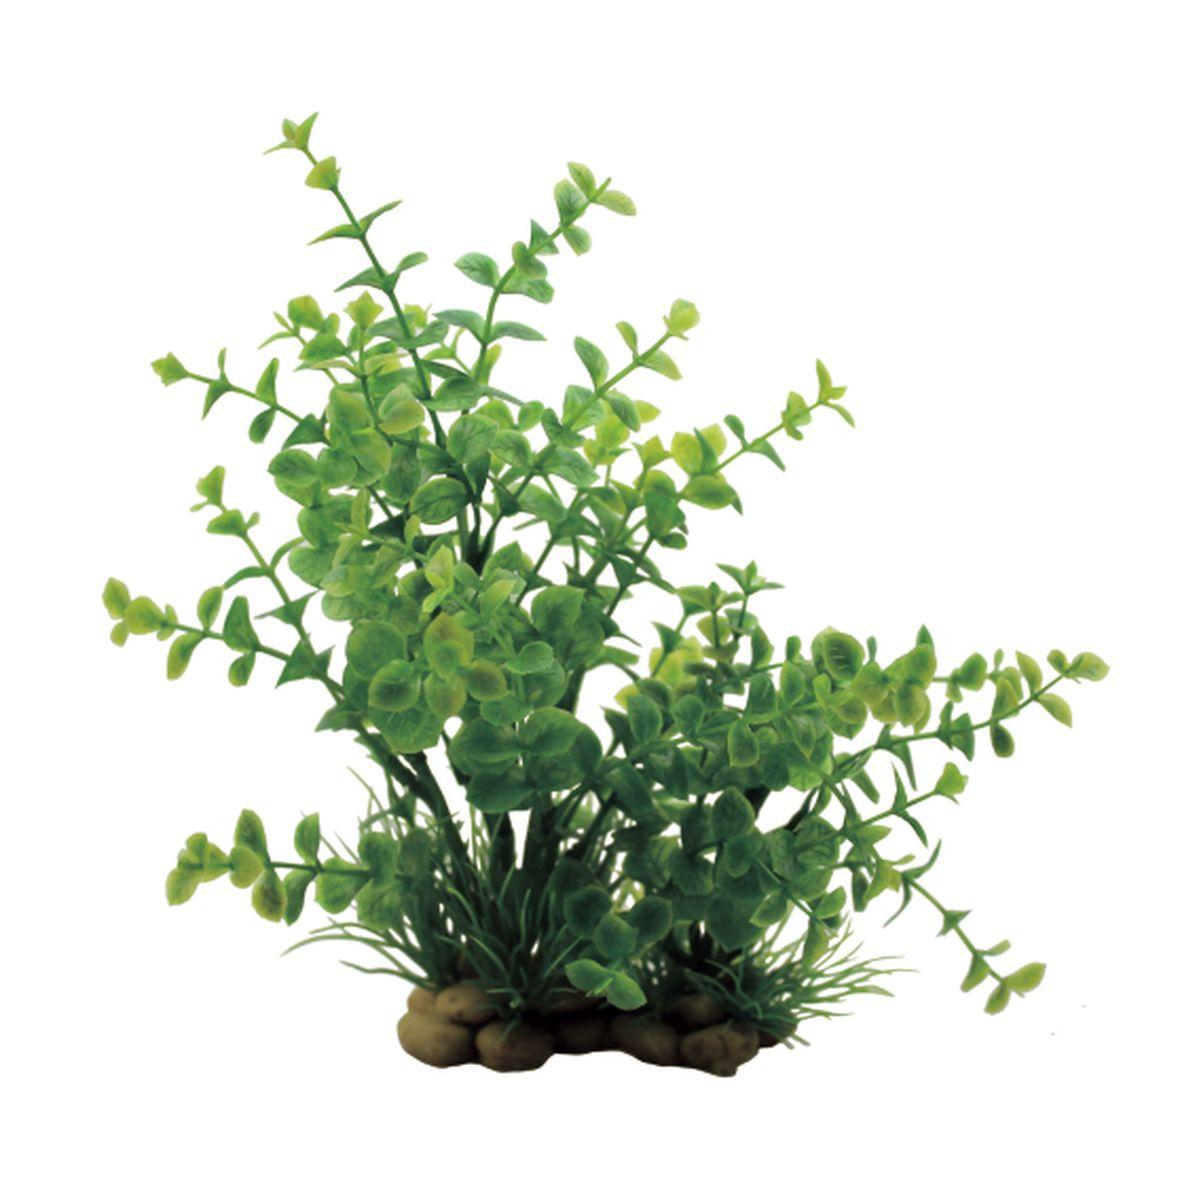 Растение для аквариума ArtUniq Лизимахия, высота 20 см0120710Растение для аквариума ArtUniq Лизимахия, высота 20 см